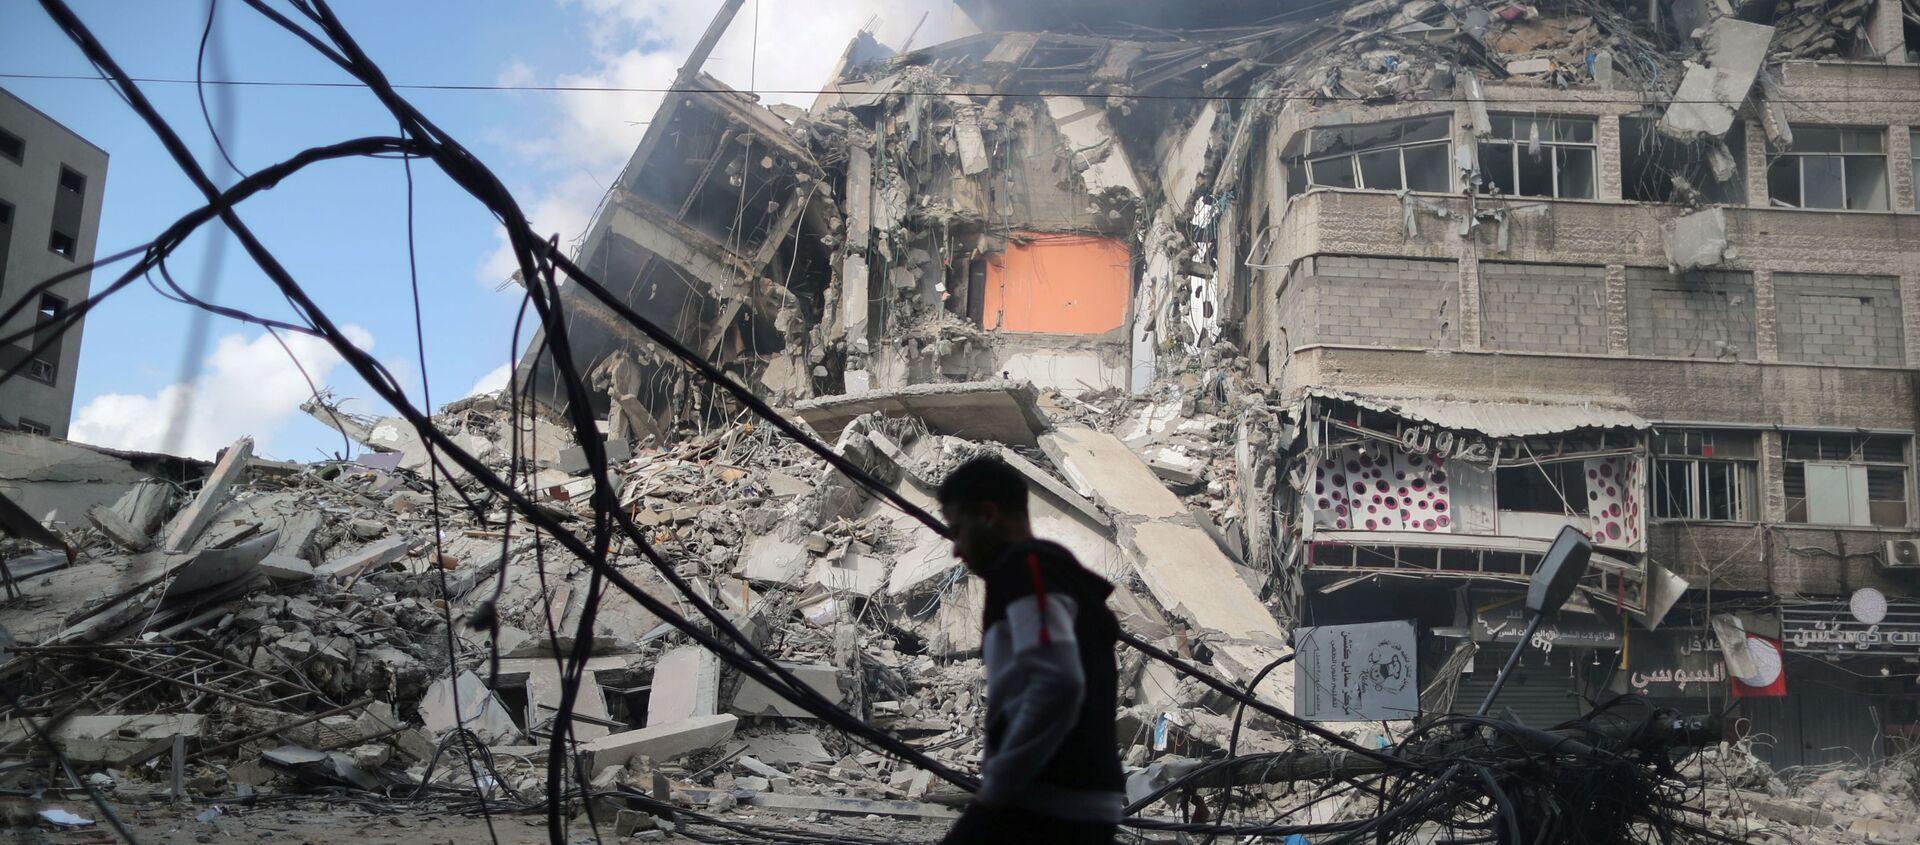 Dom mieszkalny w Strefie Gazy - Sputnik Polska, 1920, 18.05.2021